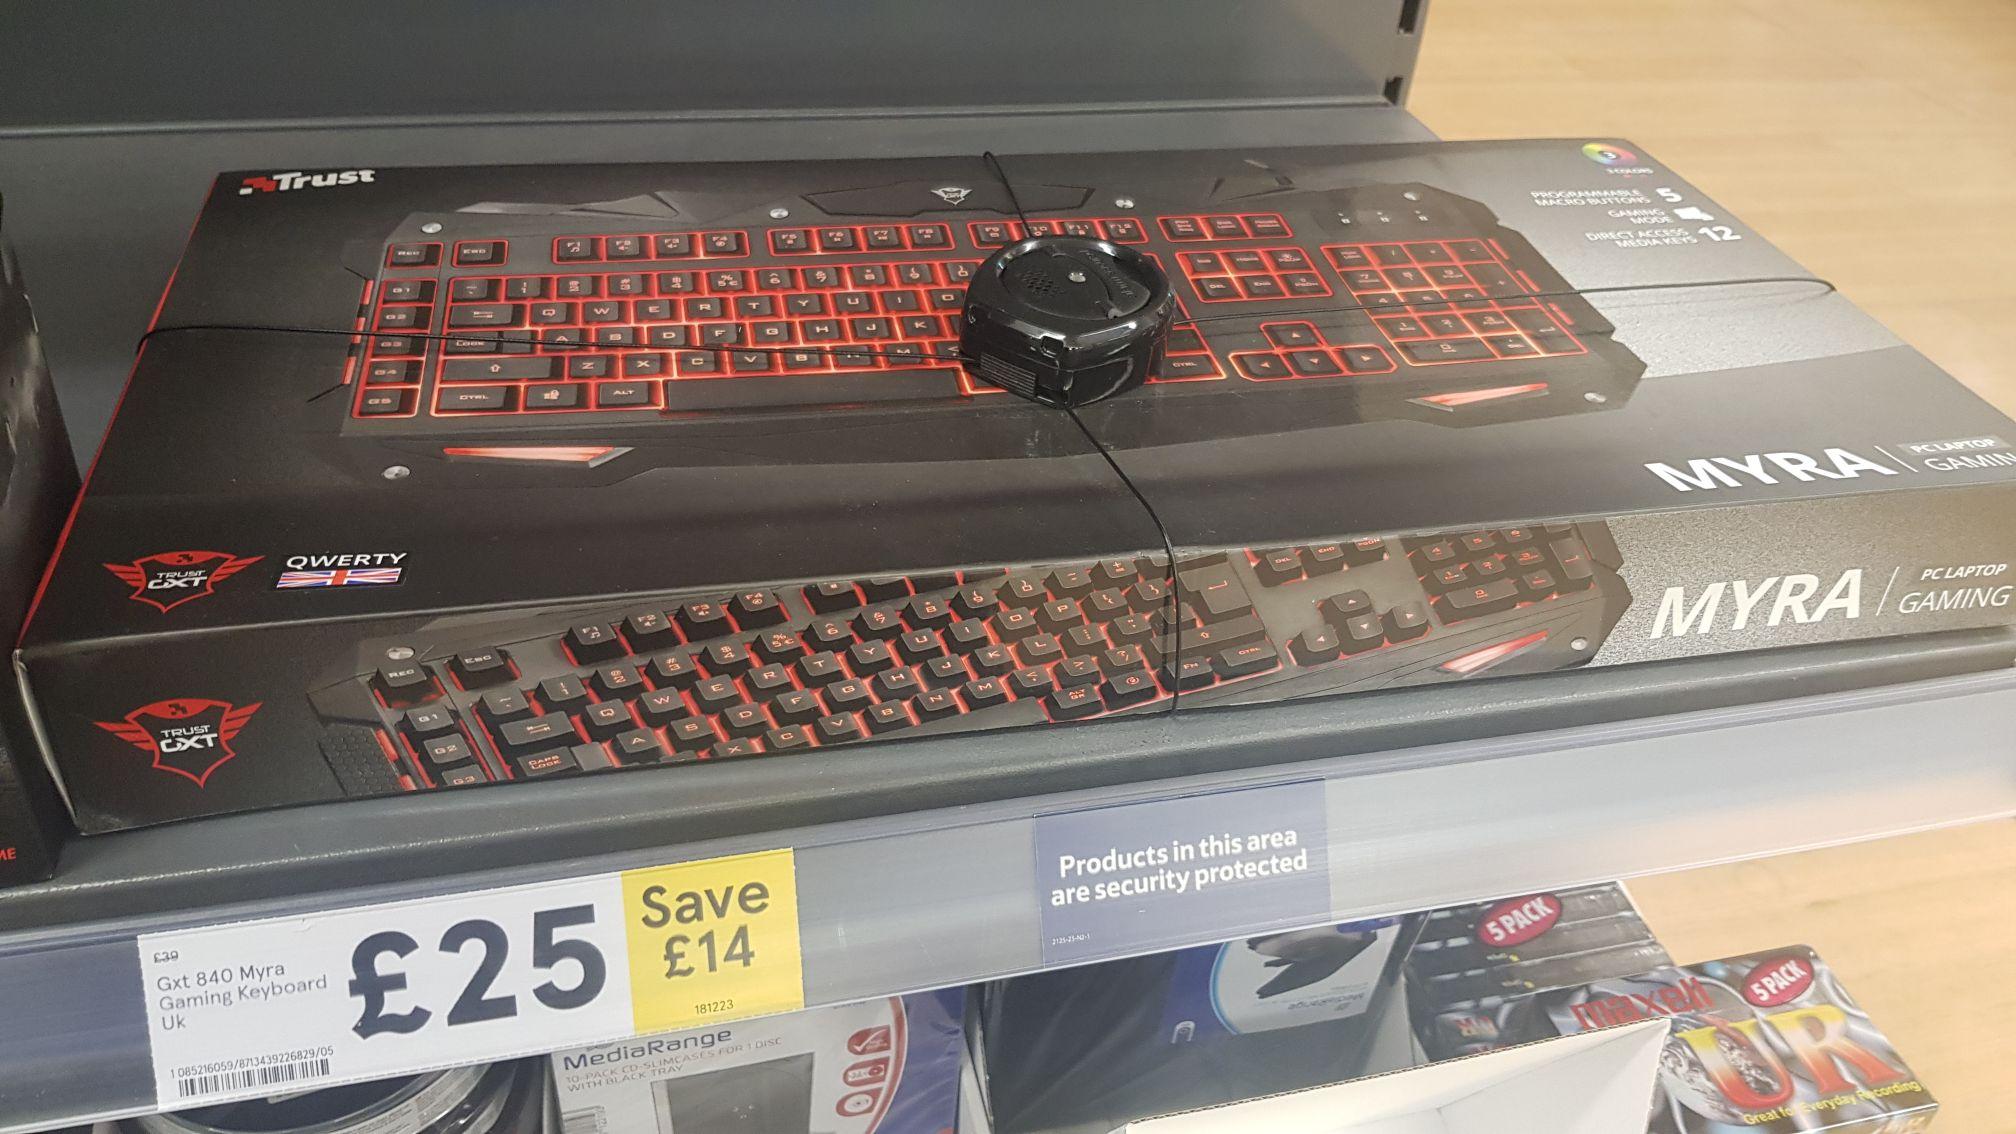 Trust 840 MYRA Gaming keyboard - £25 @ Tesco